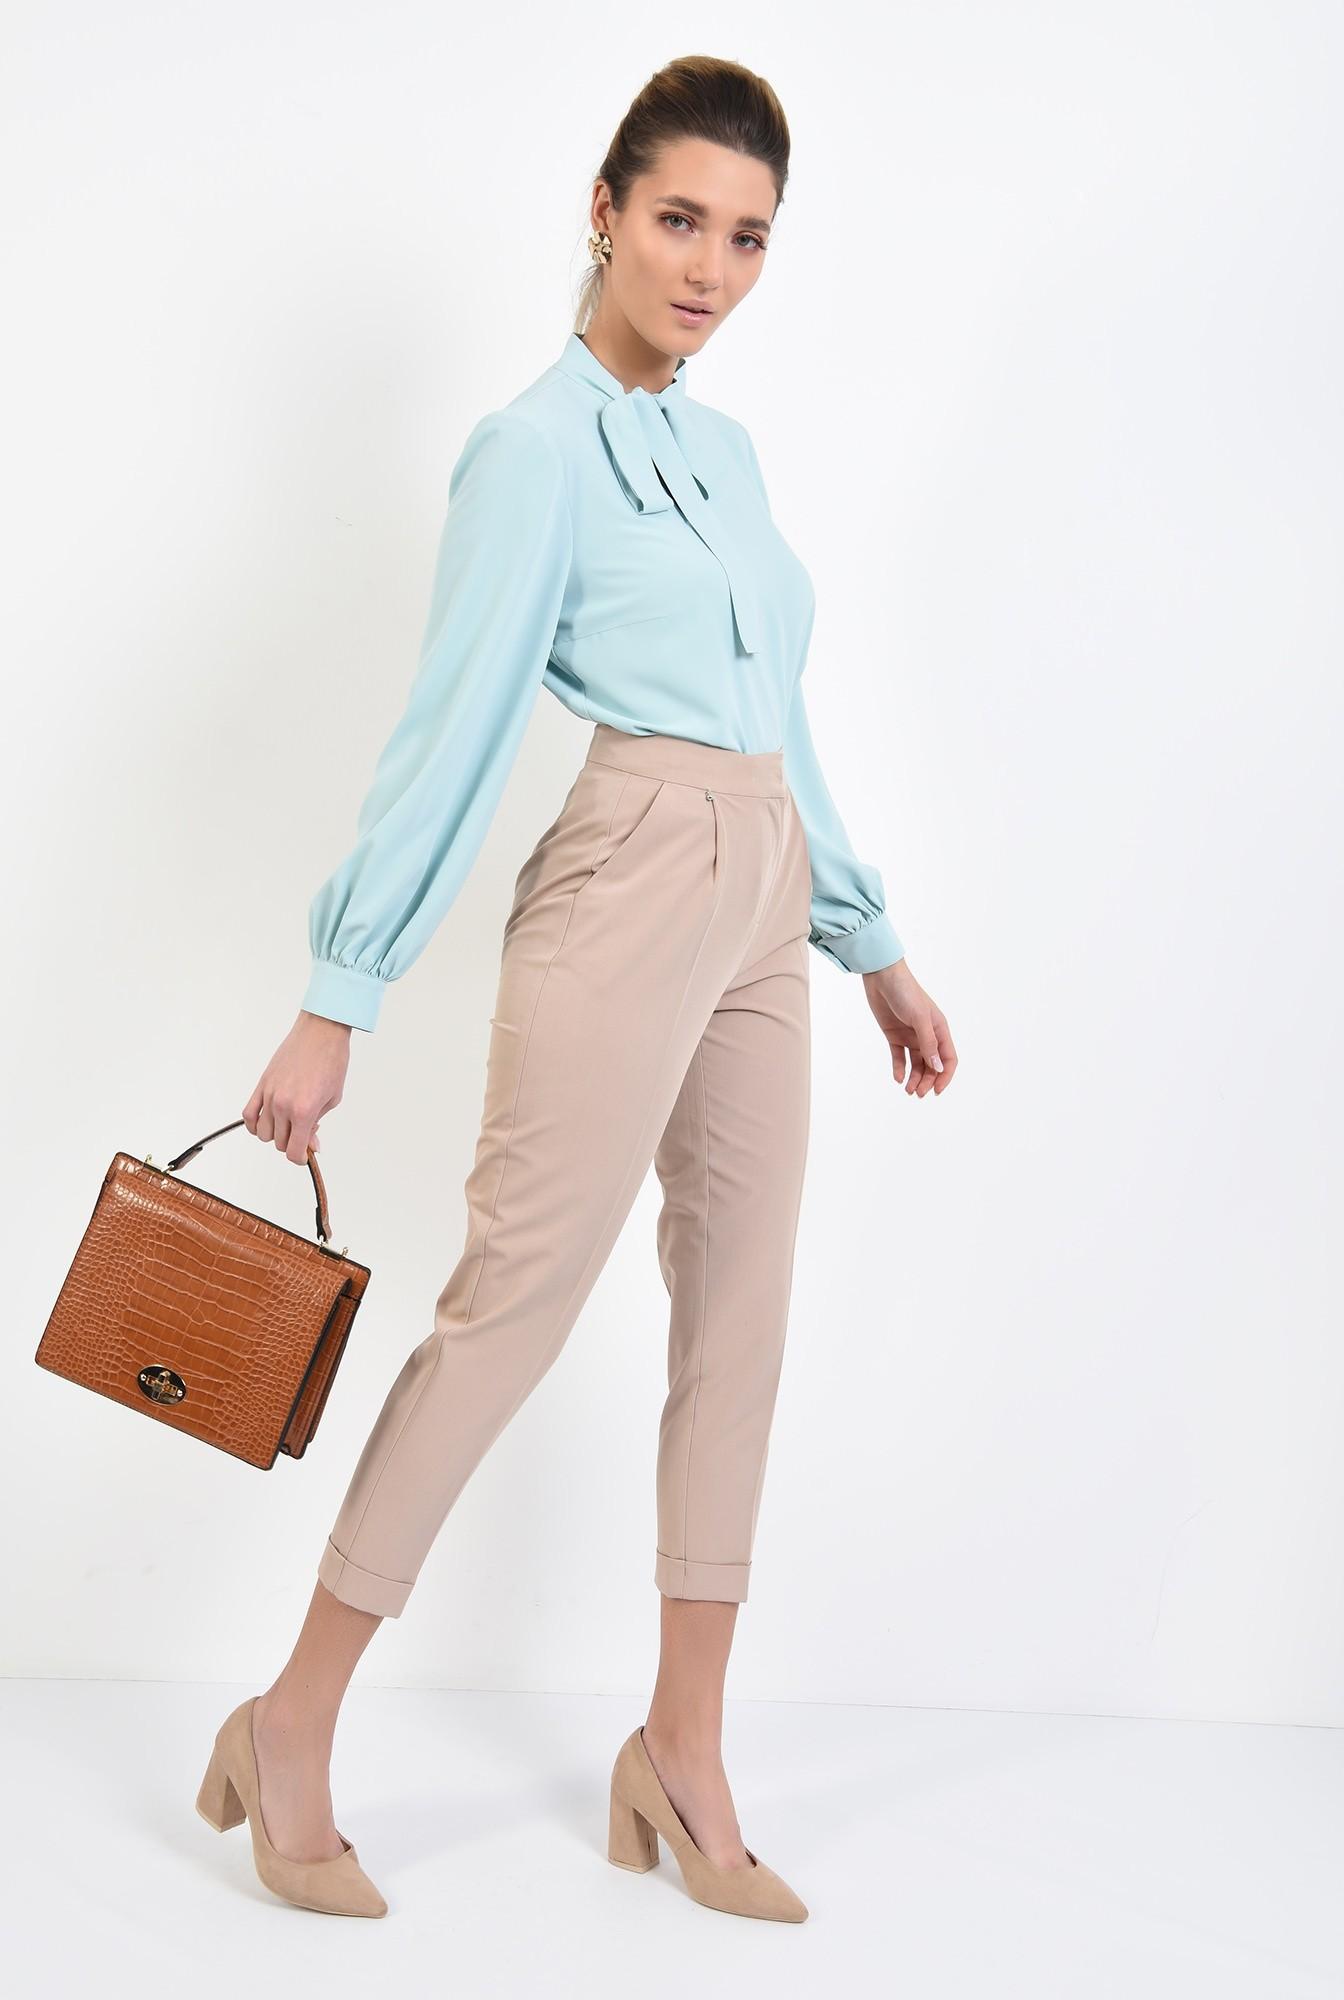 3 - 360 - bluza casual, cu funda laterala, maneci lungi, bluza de primavara